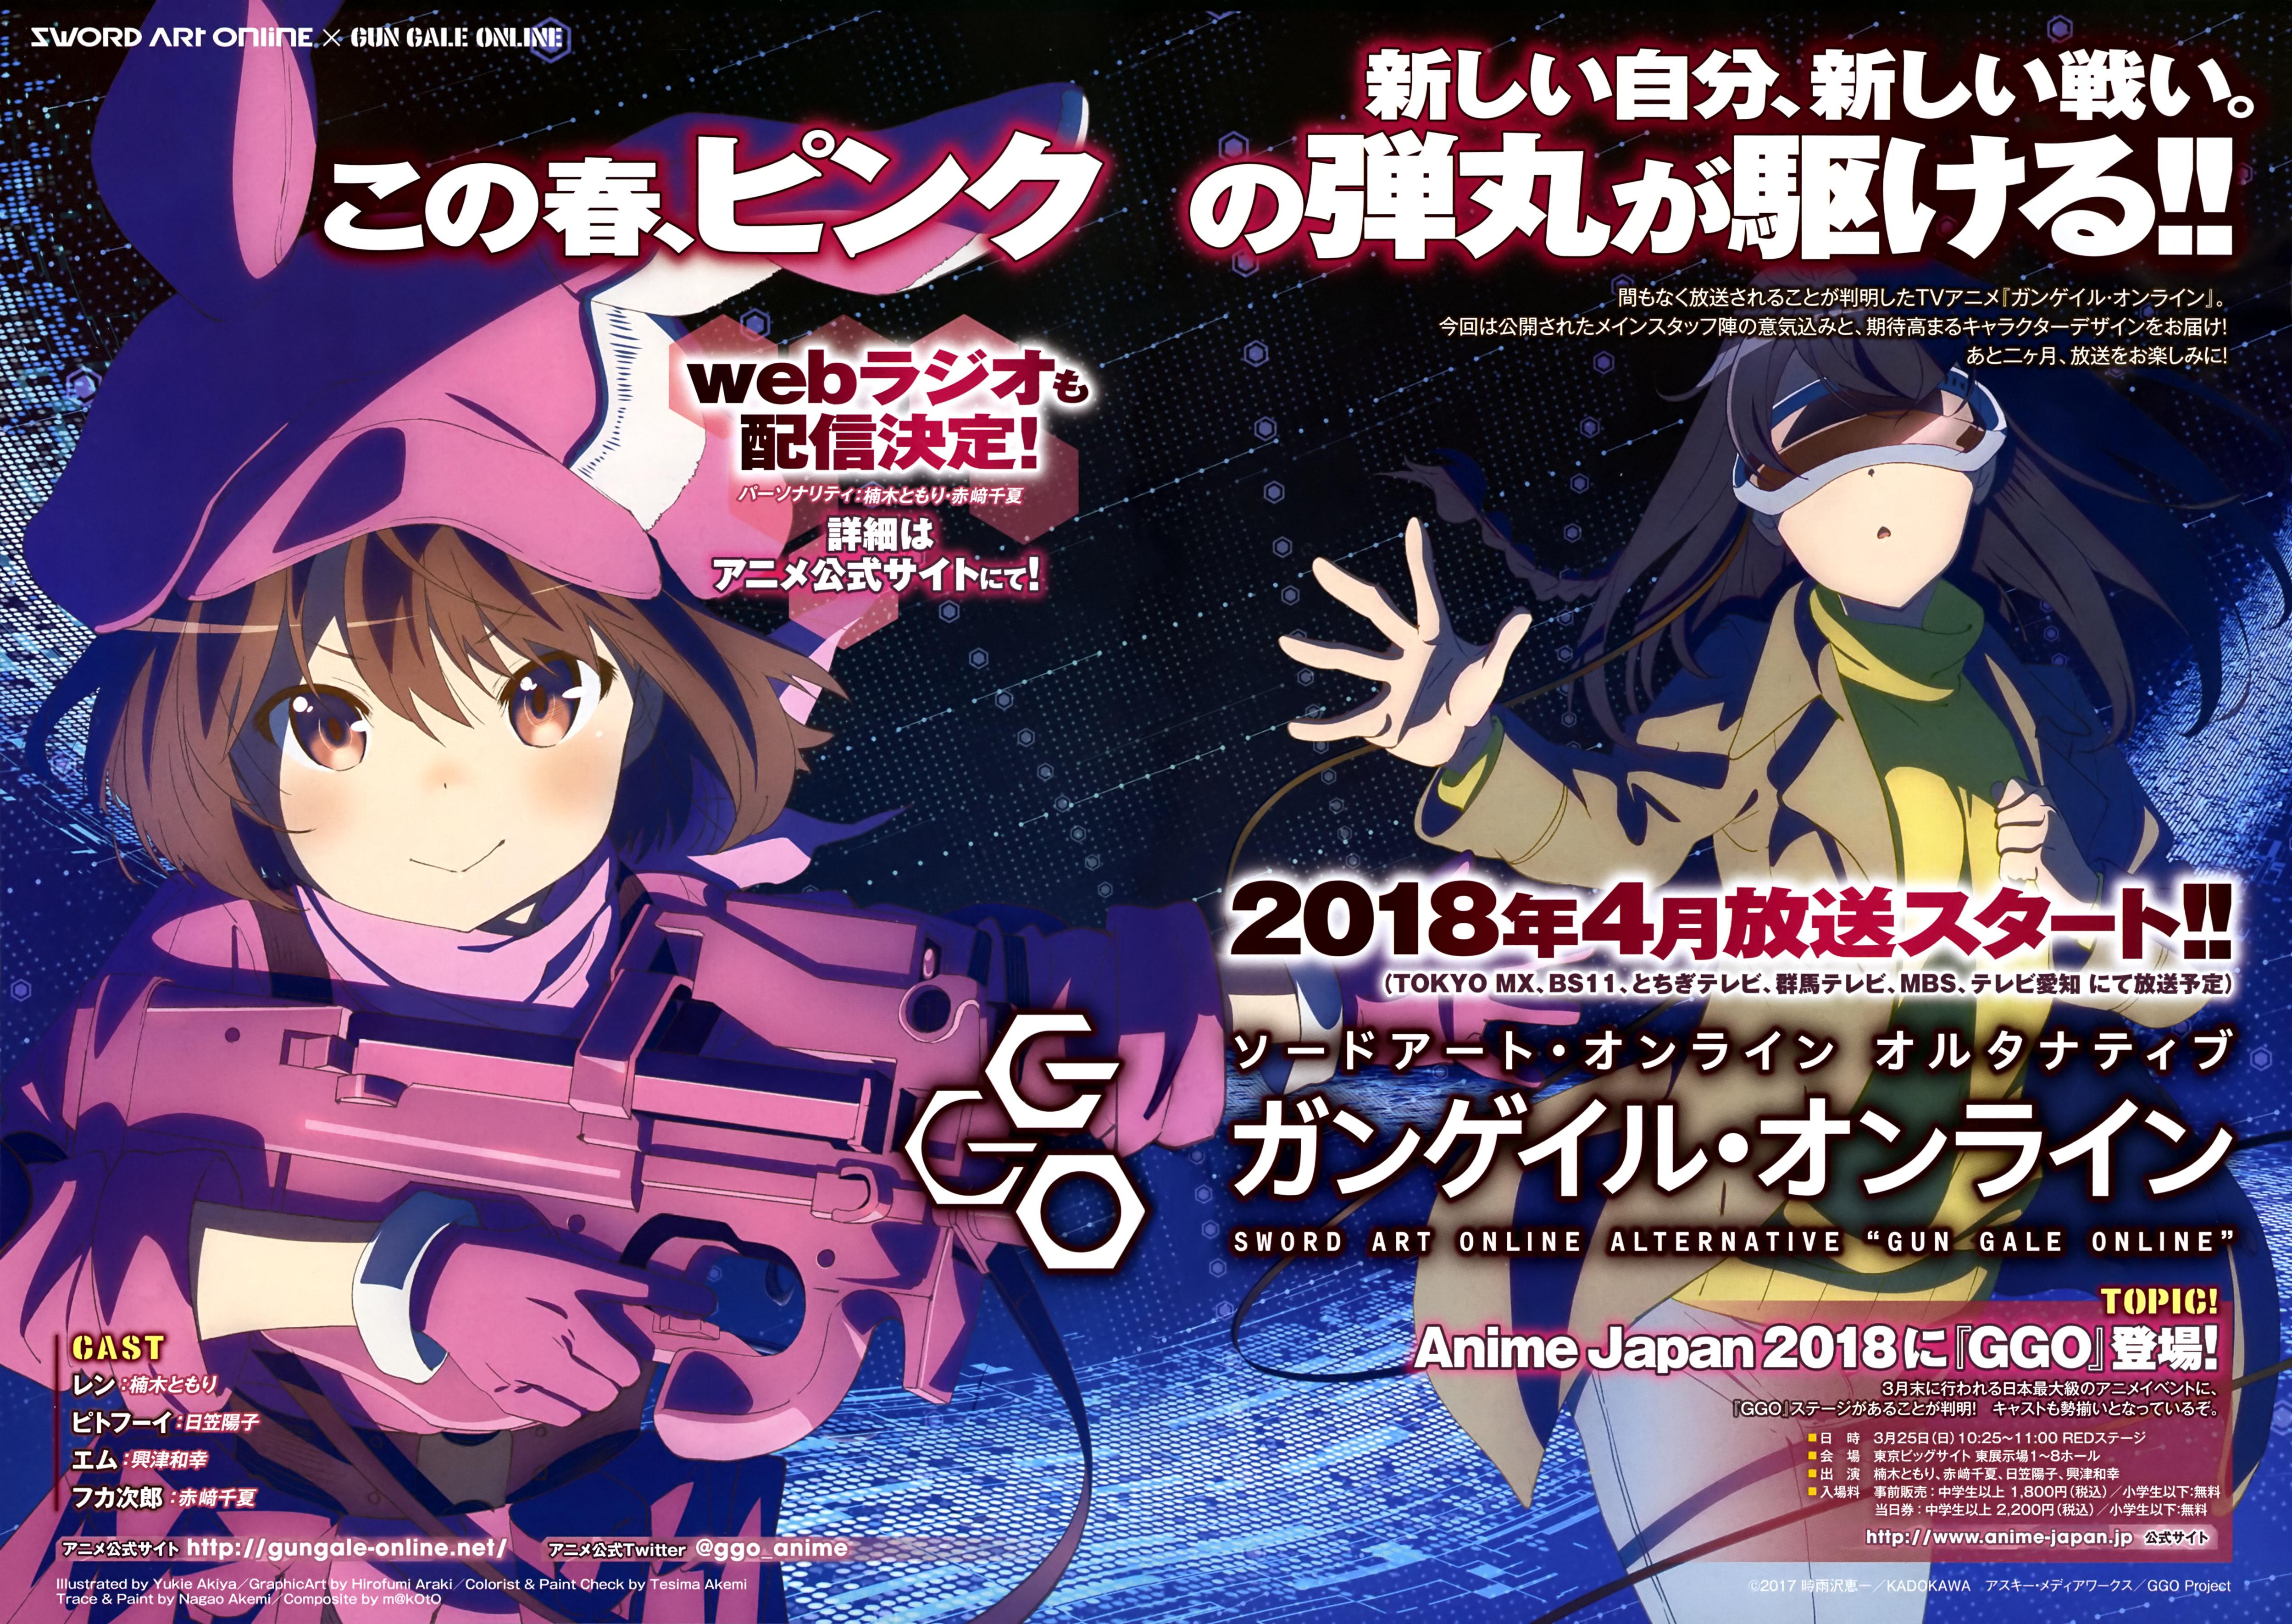 Sword Art Online Alternative Gun Gale Online Kohiruimaki Karen